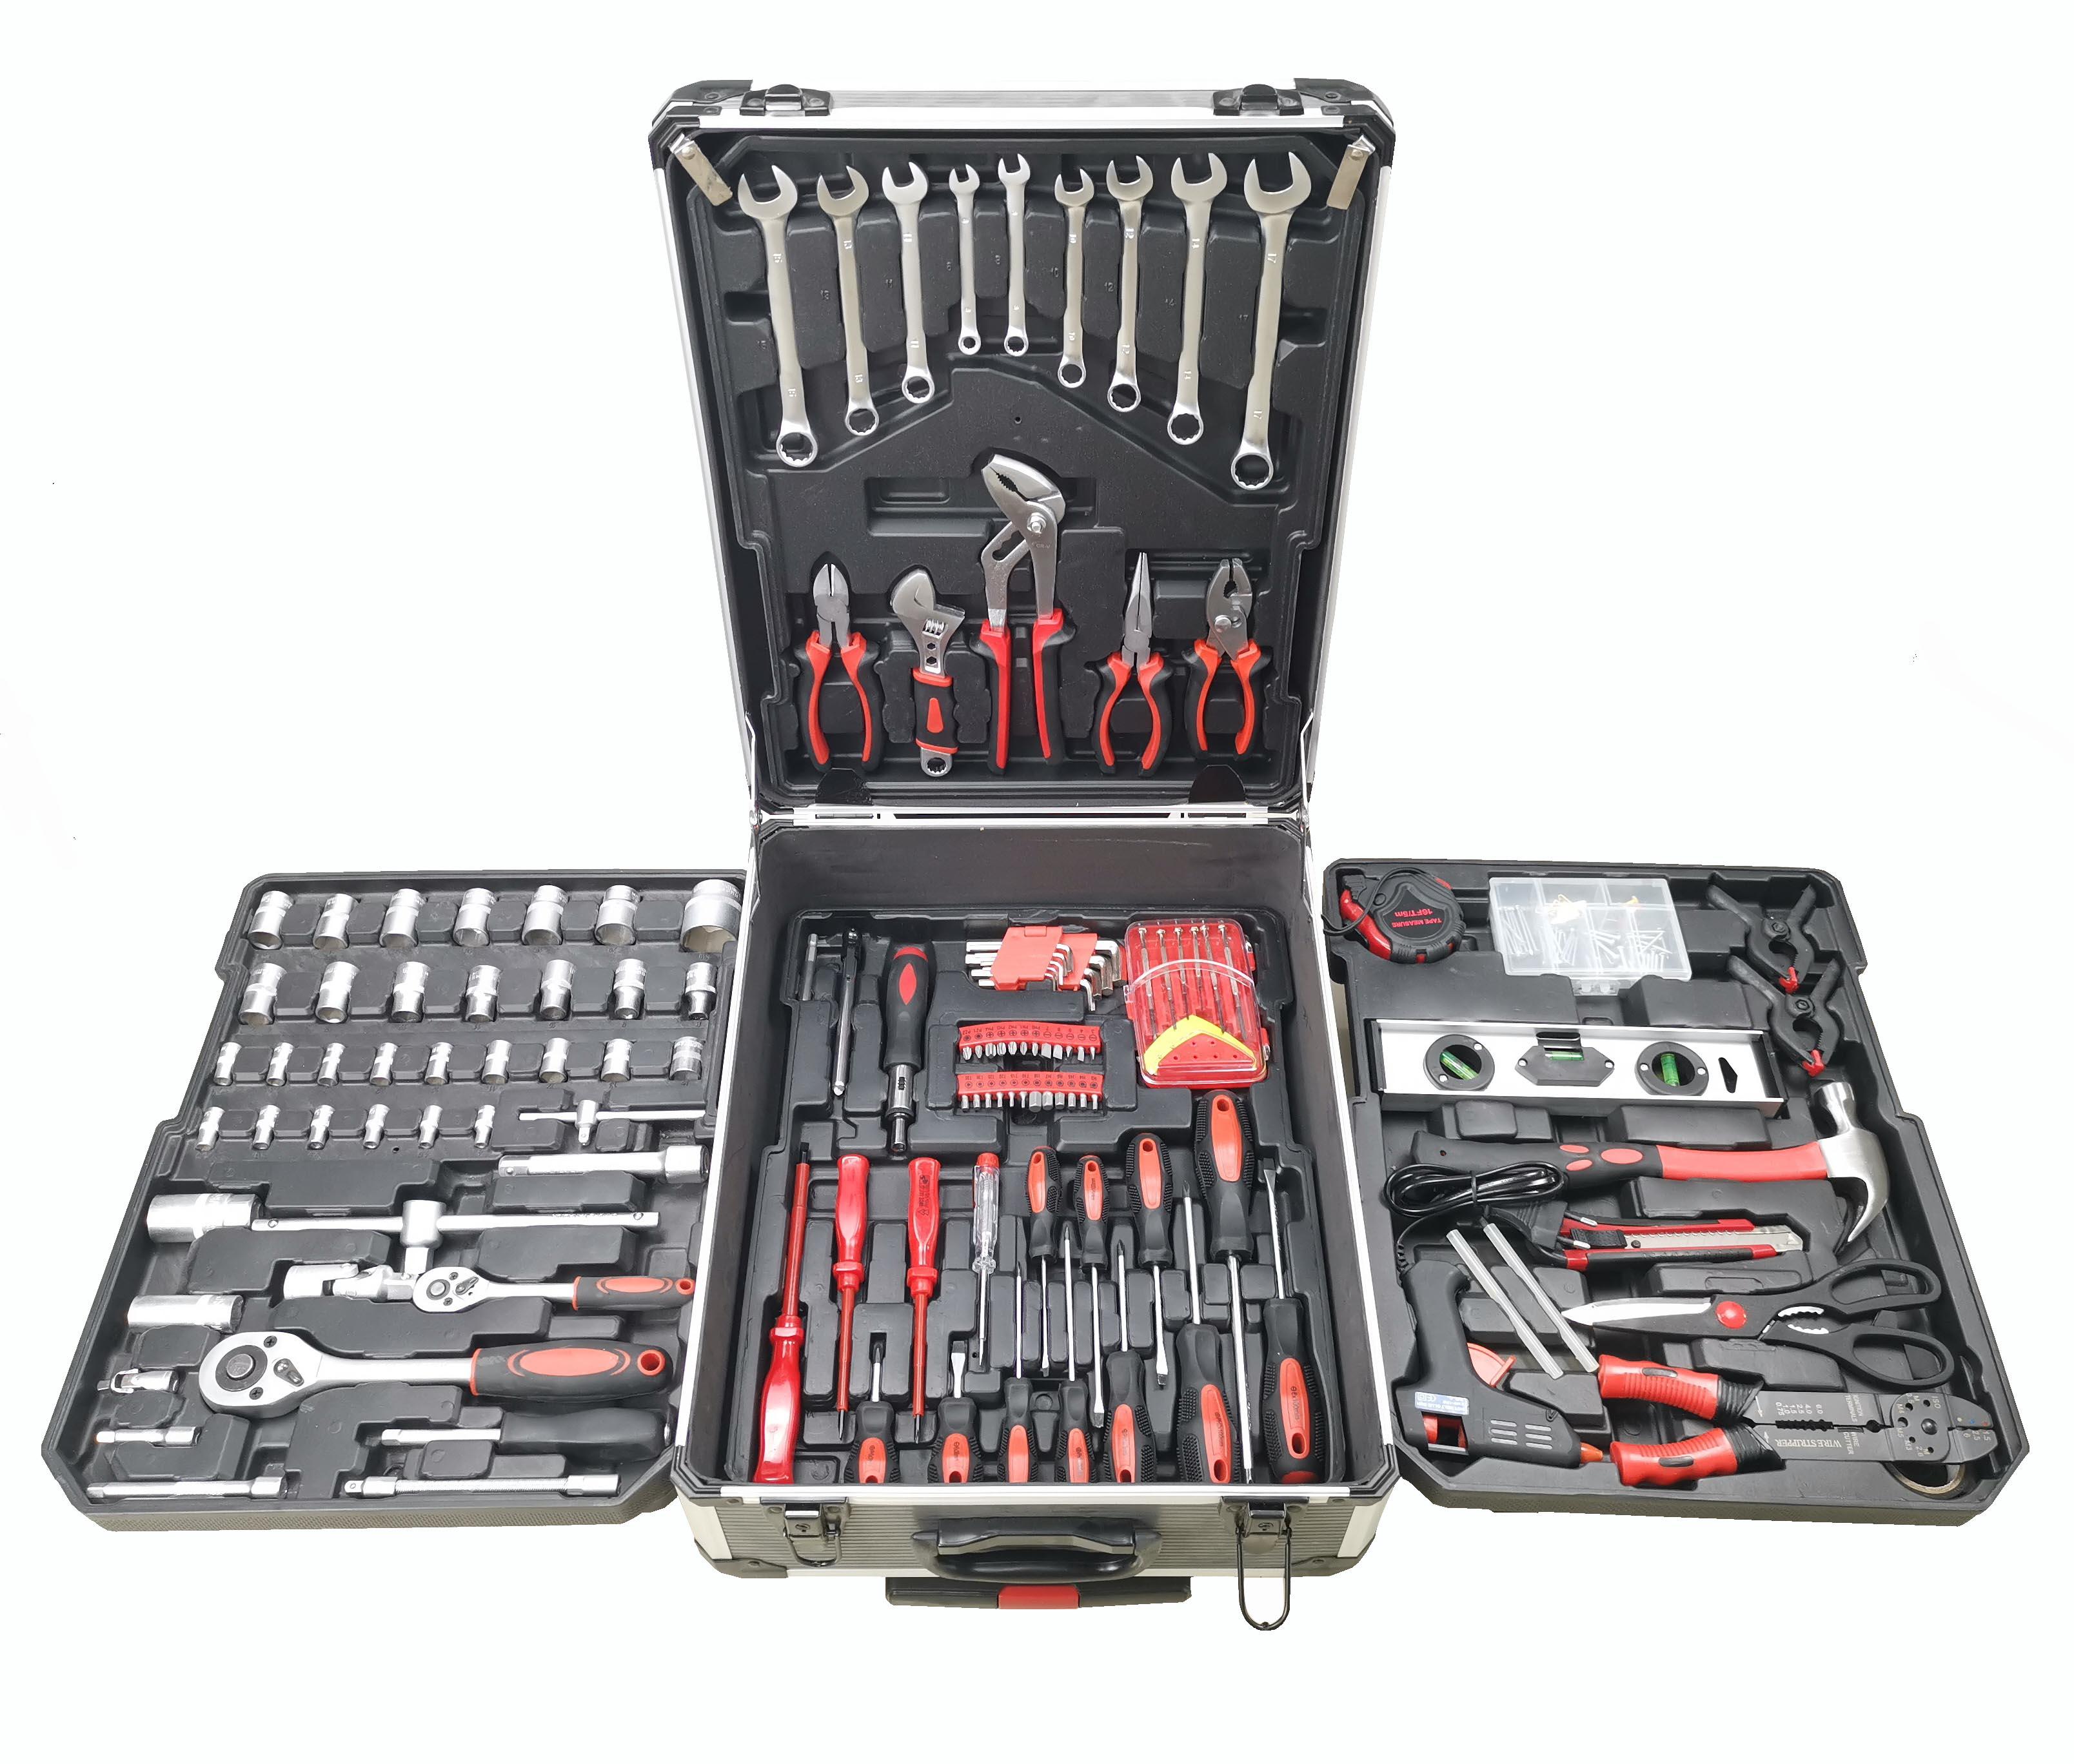 Tool Kit Профессиональный 186 шт Набор инструментов механик велосипед набор инструментов для продажи магазин фабрики дома